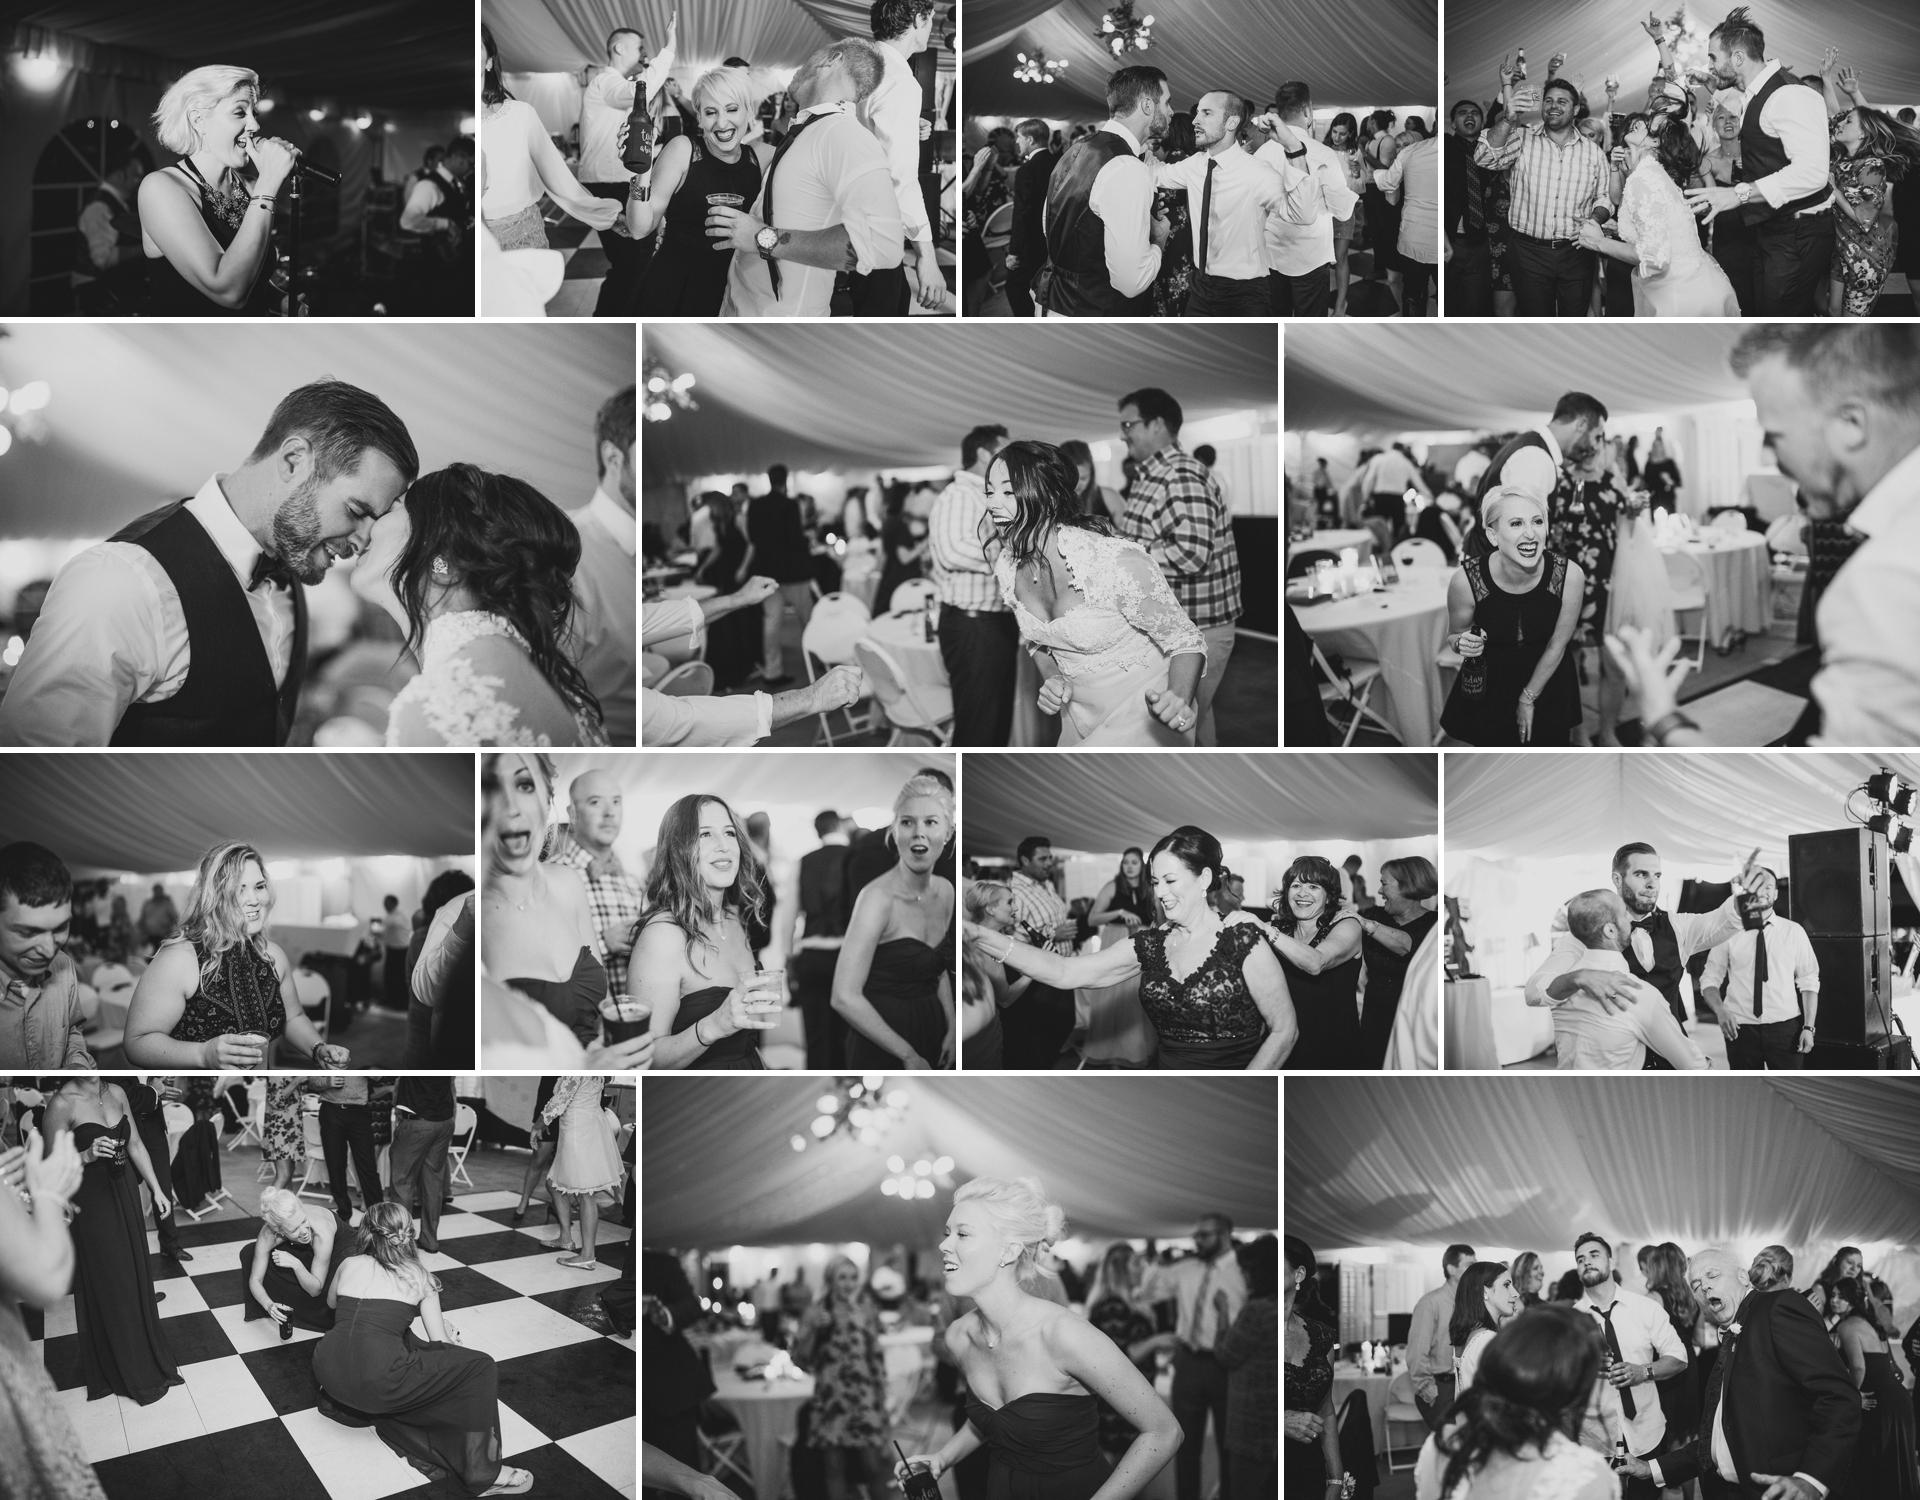 Catawba Island Club Wedding Photographer in Port Clinton 109.jpg